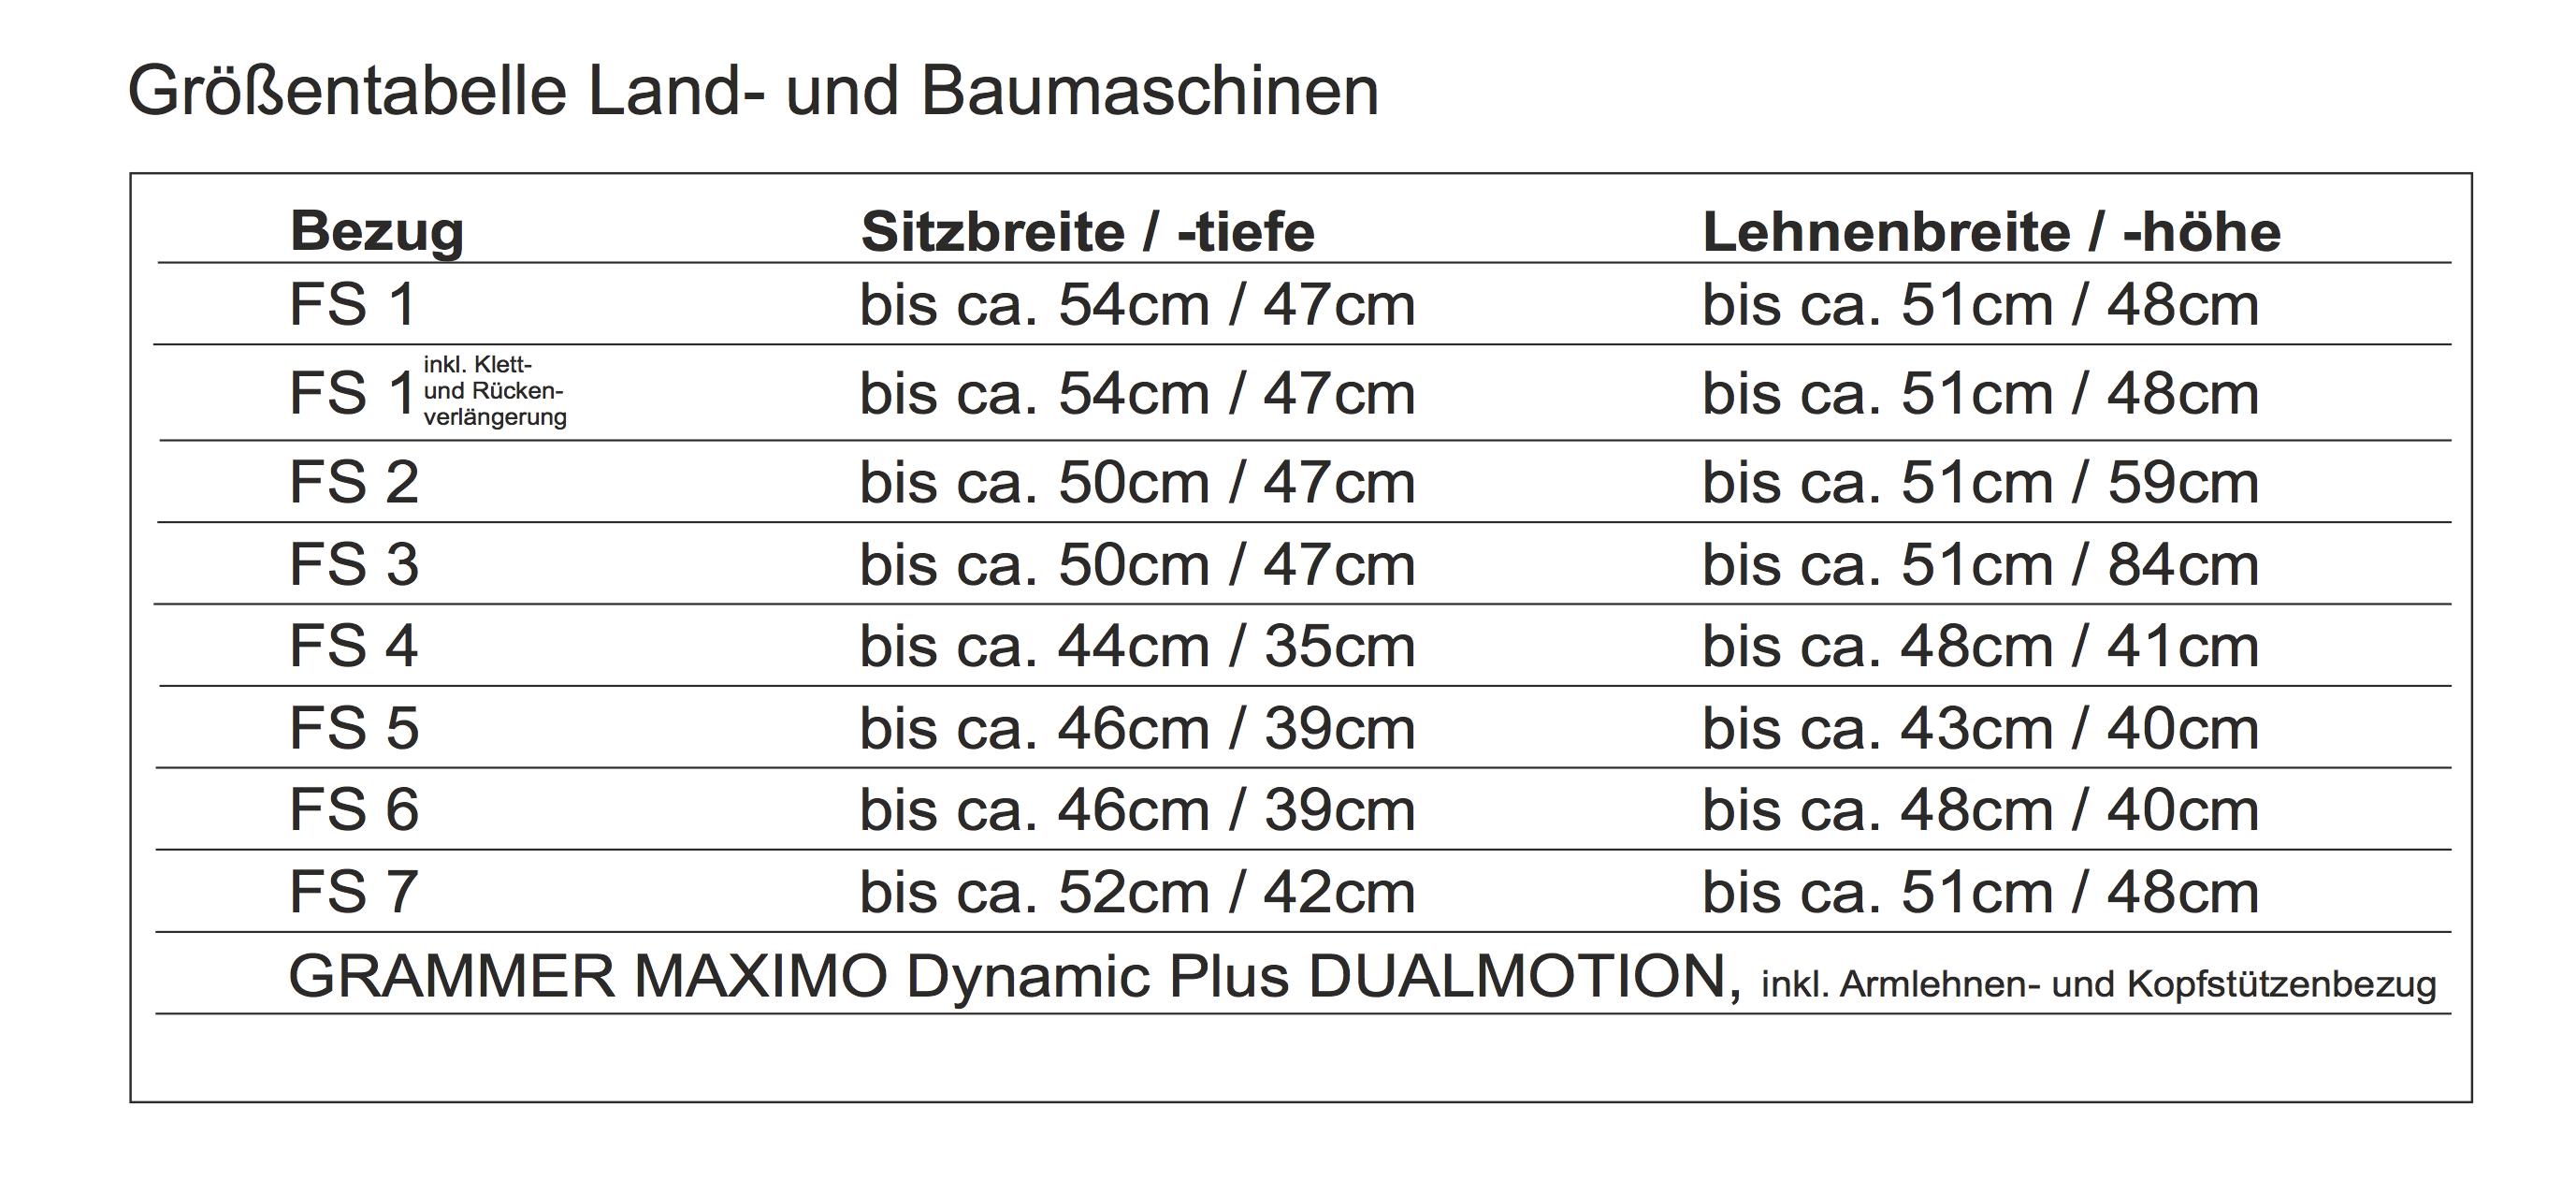 Land- und Baumaschinen Tabelle